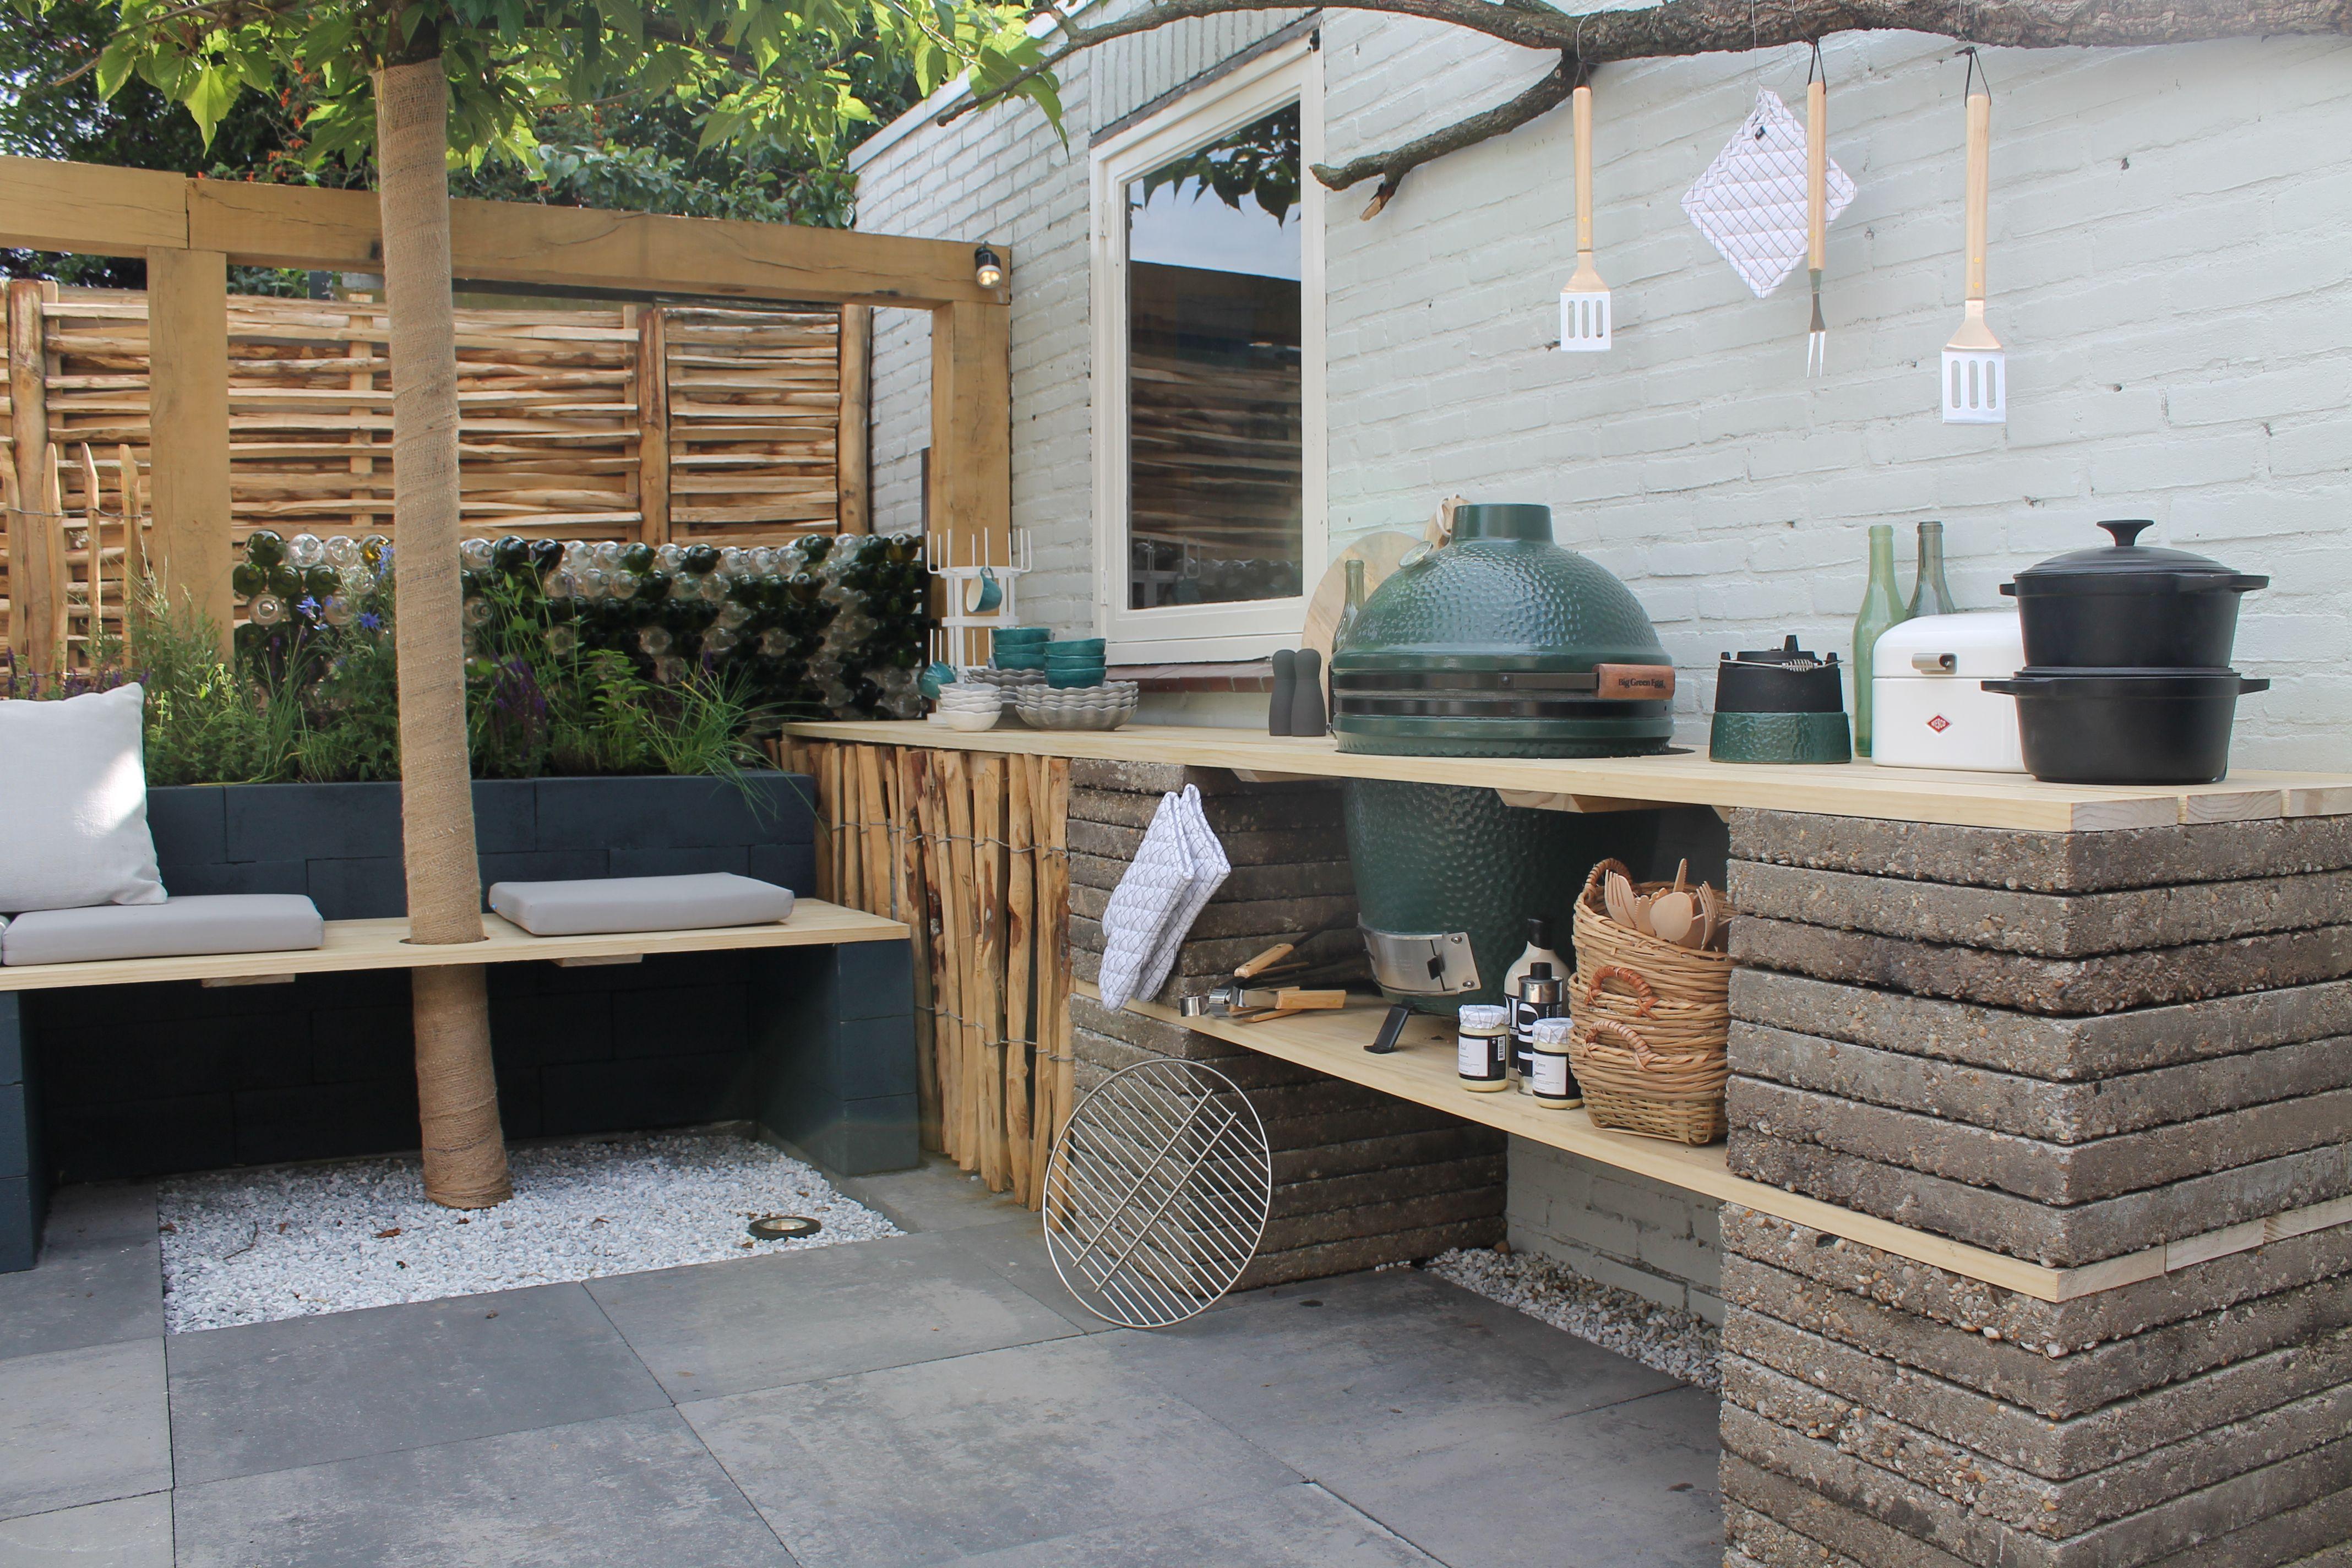 Buitenkeukens het campeergevoel in eigen tuin cakeje van eigen deeg - Keuken steen en hout ...